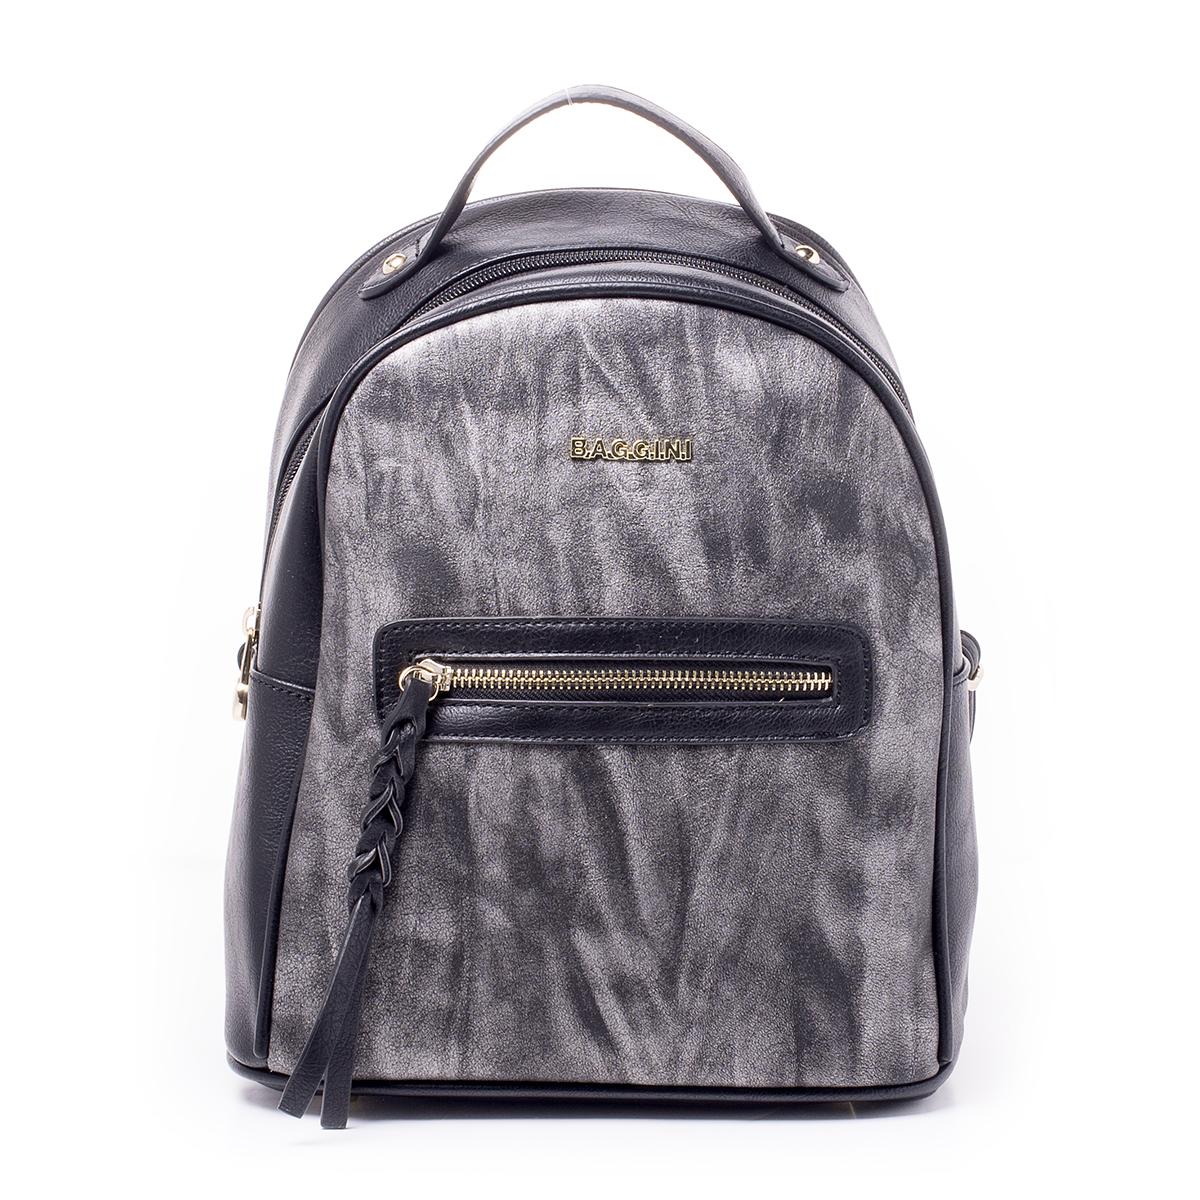 Рюкзак женский Baggini, цвет: черный. 29831/1029831/10Загрязнения на изделиях удаляется влажной мягкой тканью